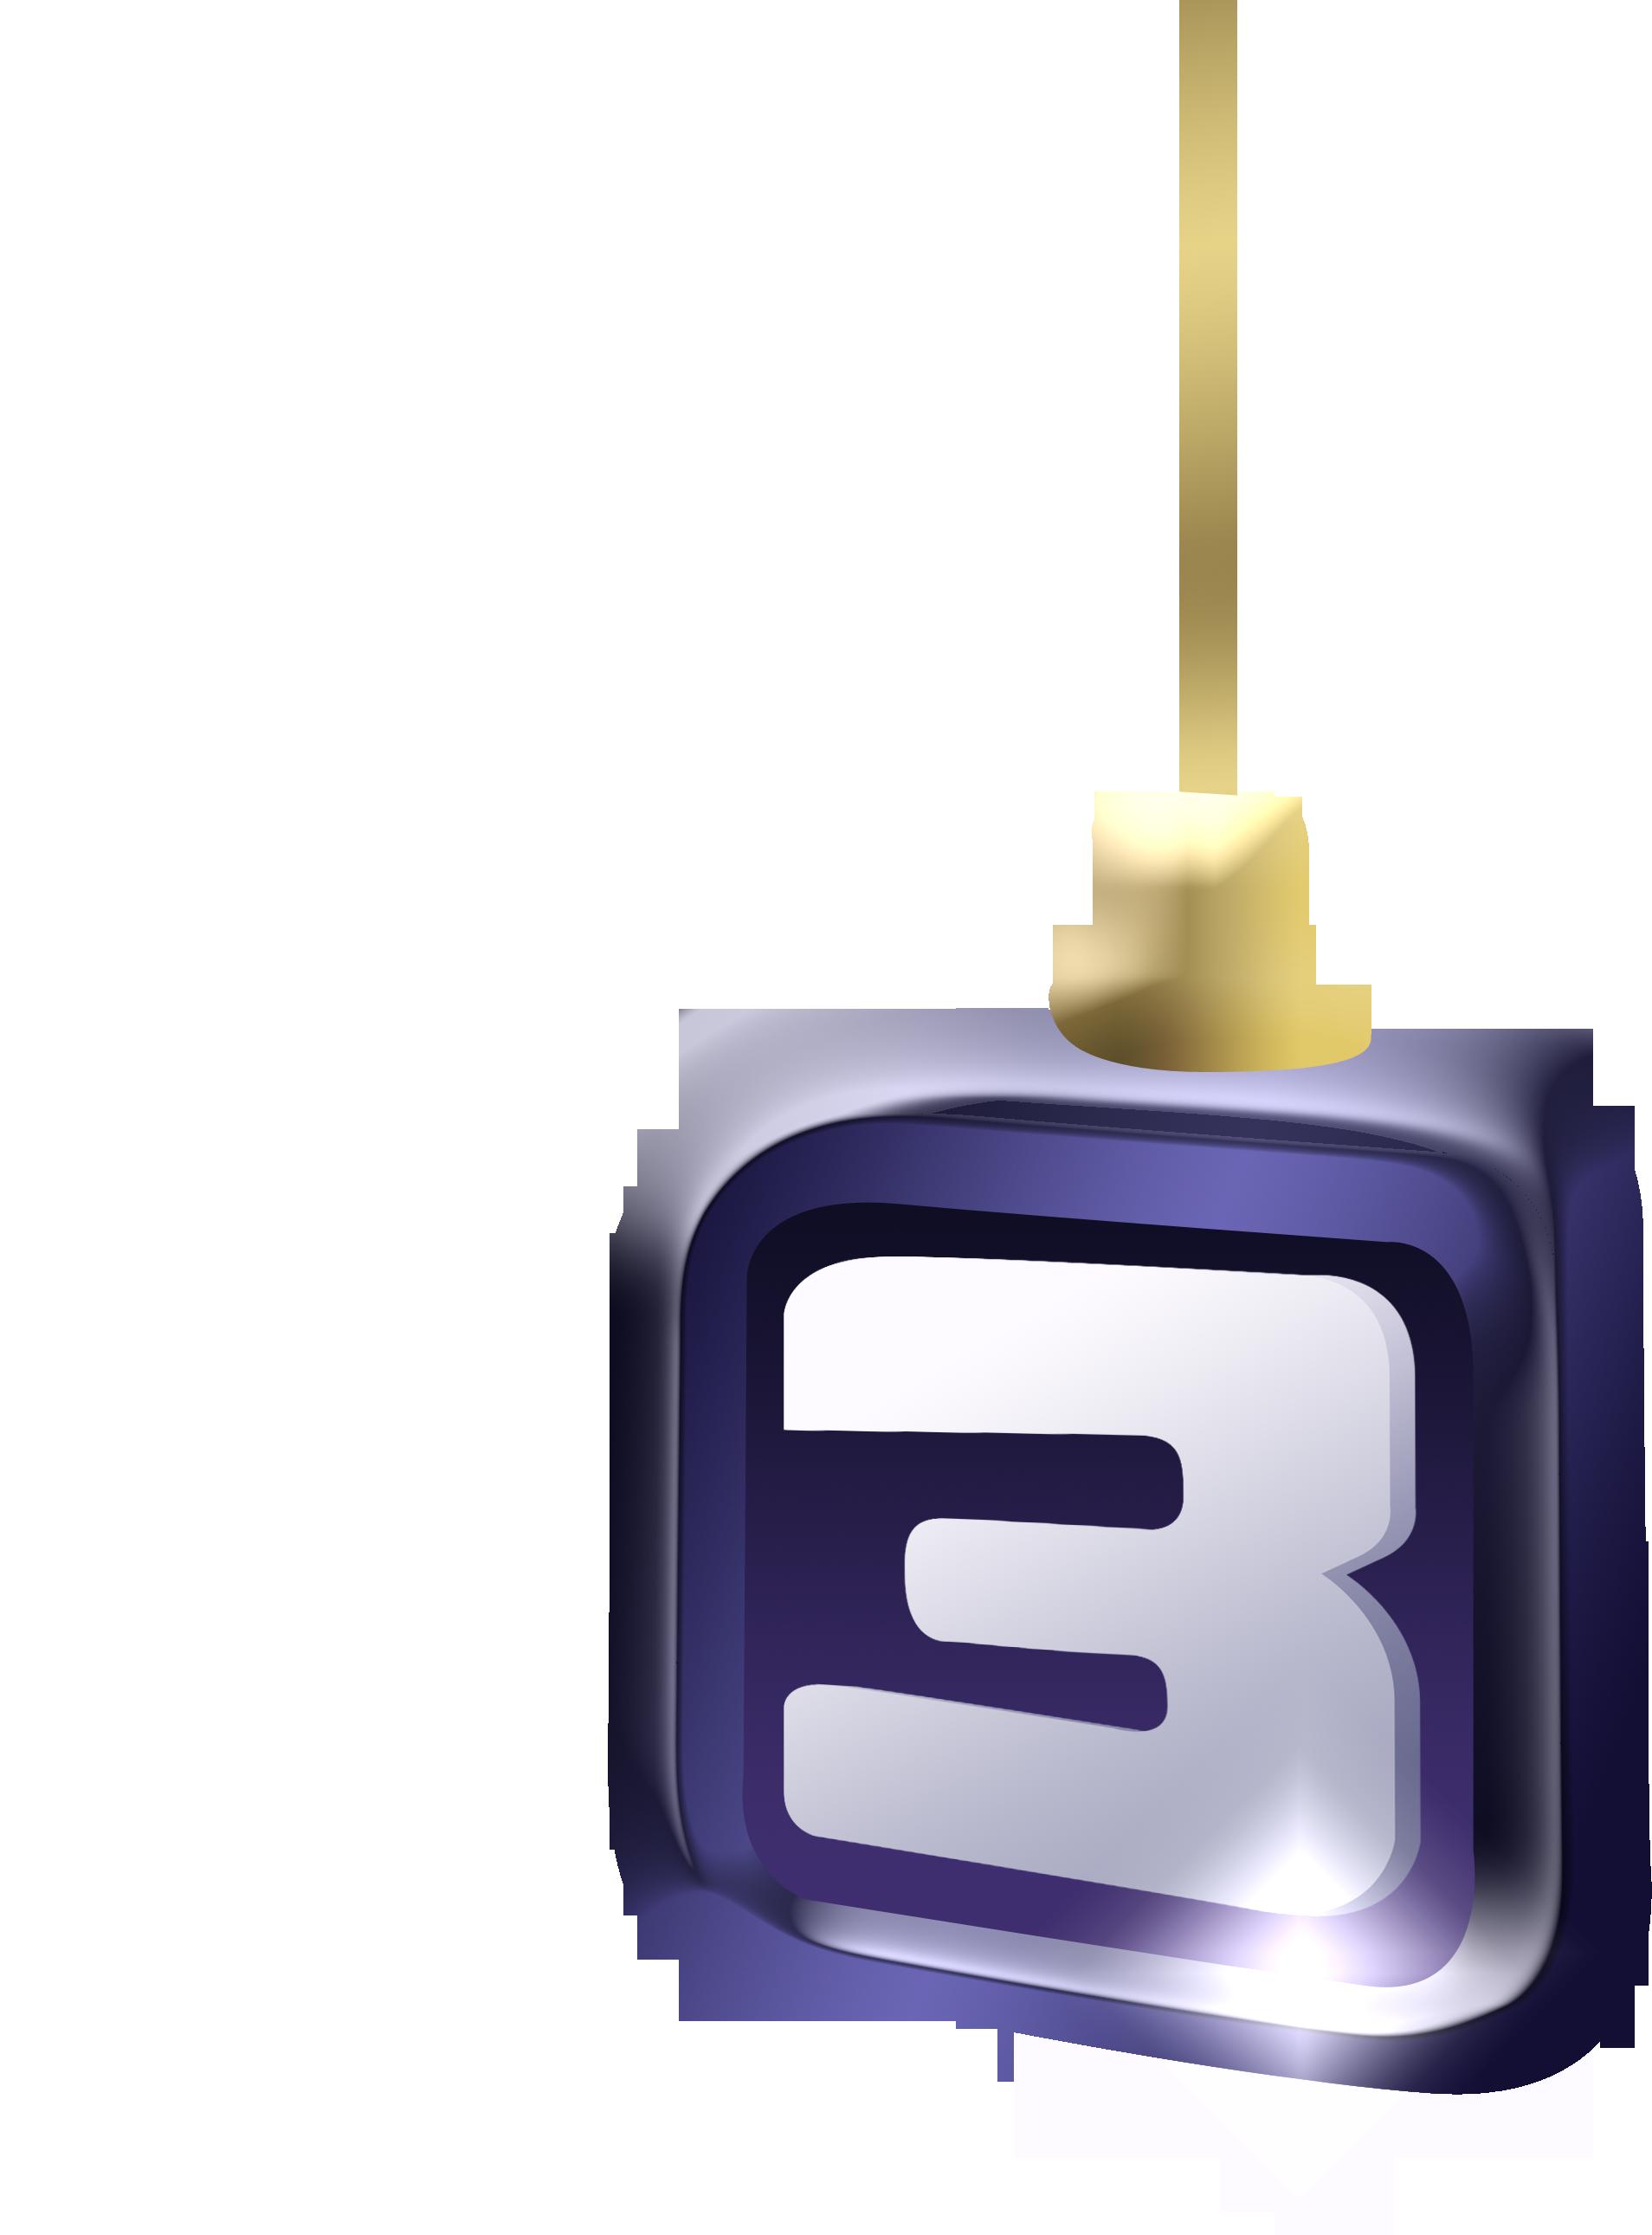 ТВ3 (новогодний, 2012-2013)